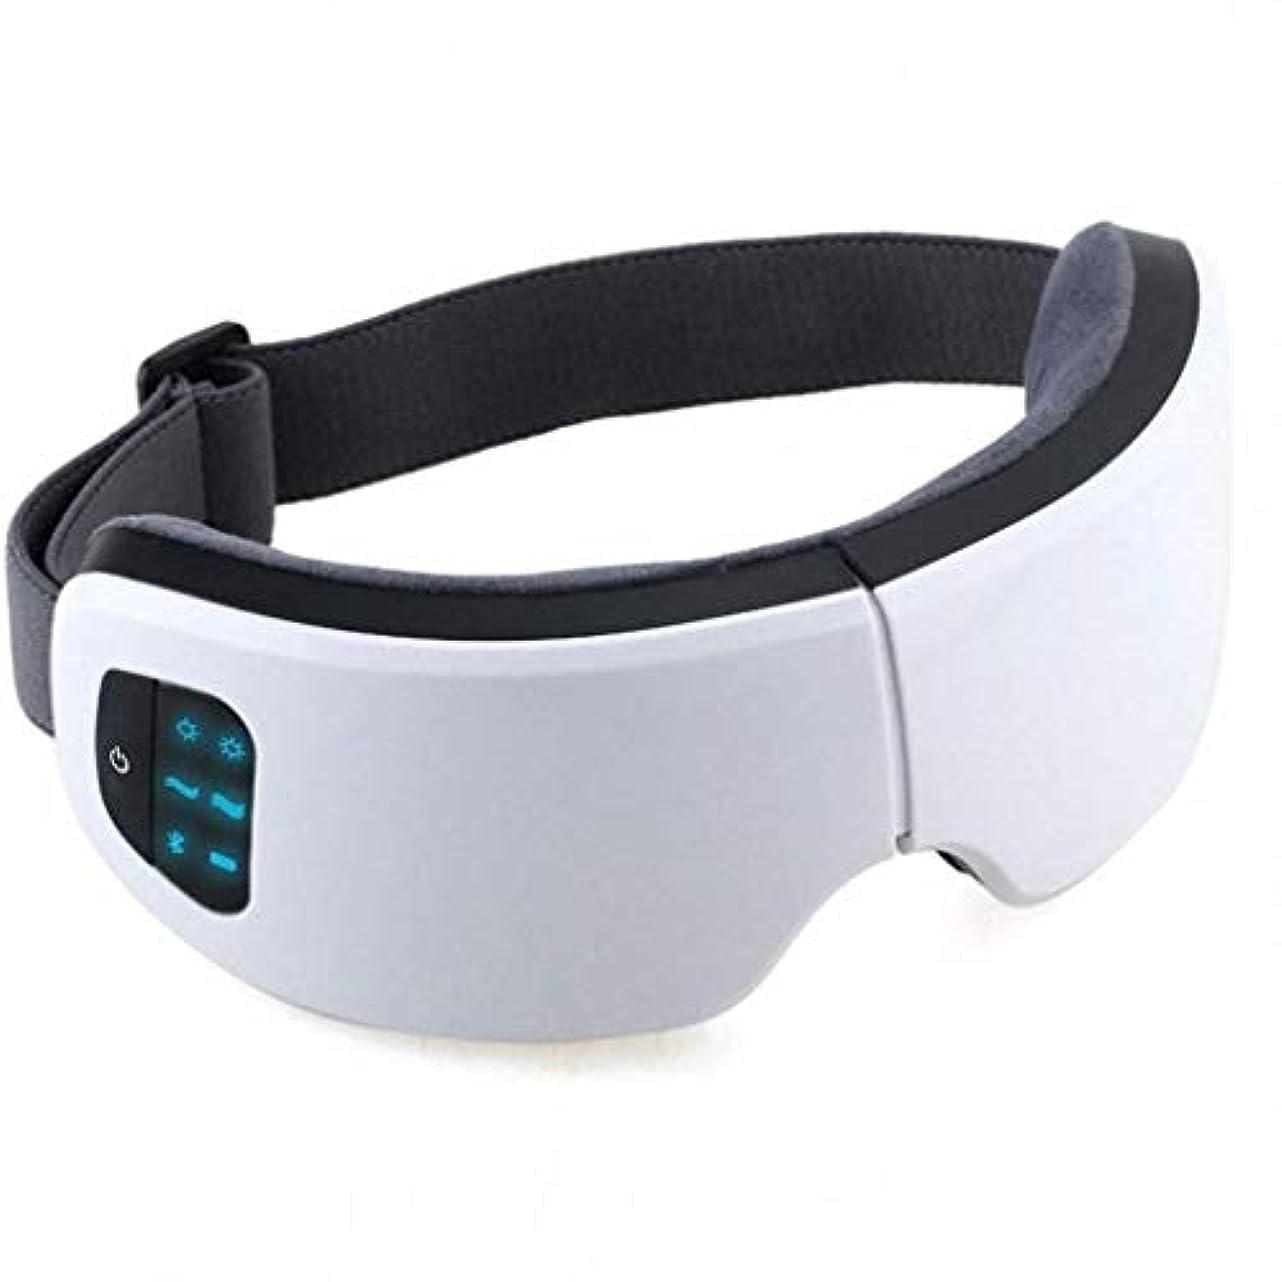 分類する船酔いウガンダ電動アイマスク、アイマッサージャー、折りたたみ式USB充電式スマートデコンプレッションマシン、ワイヤレスBluetoothポータブル、目の疲れを和らげる、ダークサークル、アイバッグ、美容機器